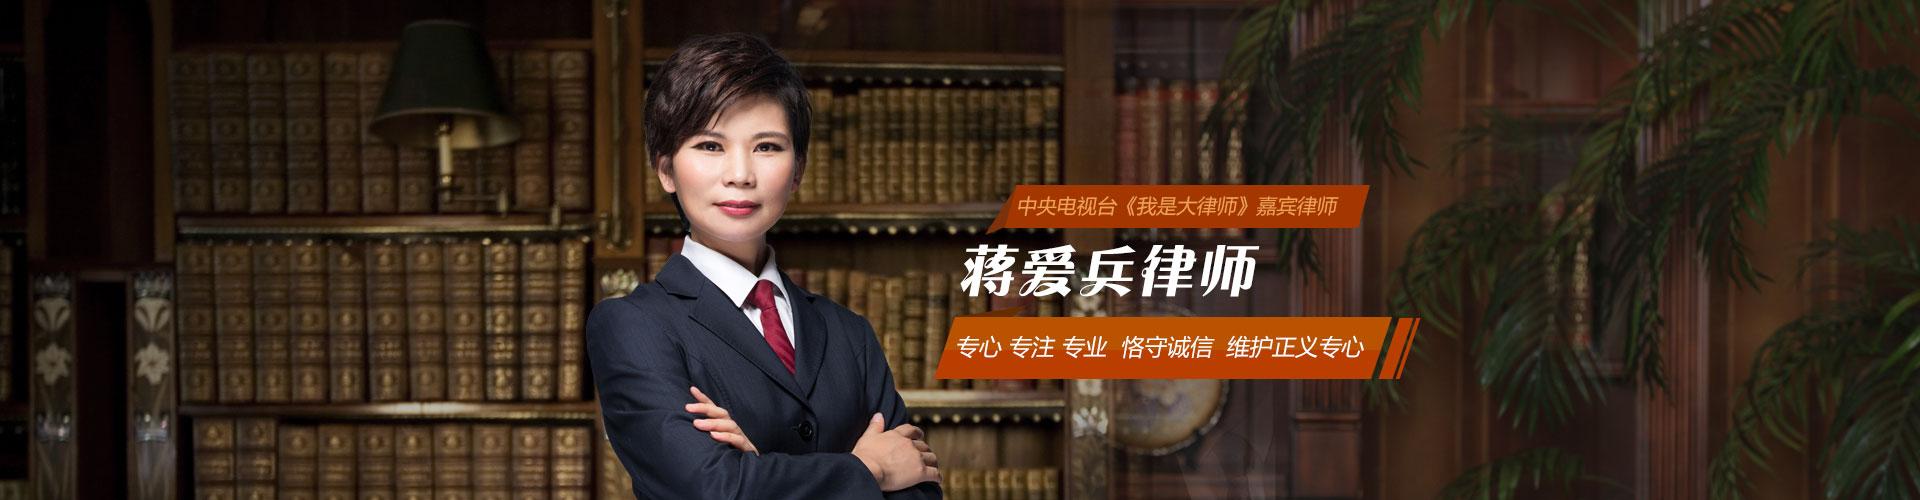 蒋爱国律师